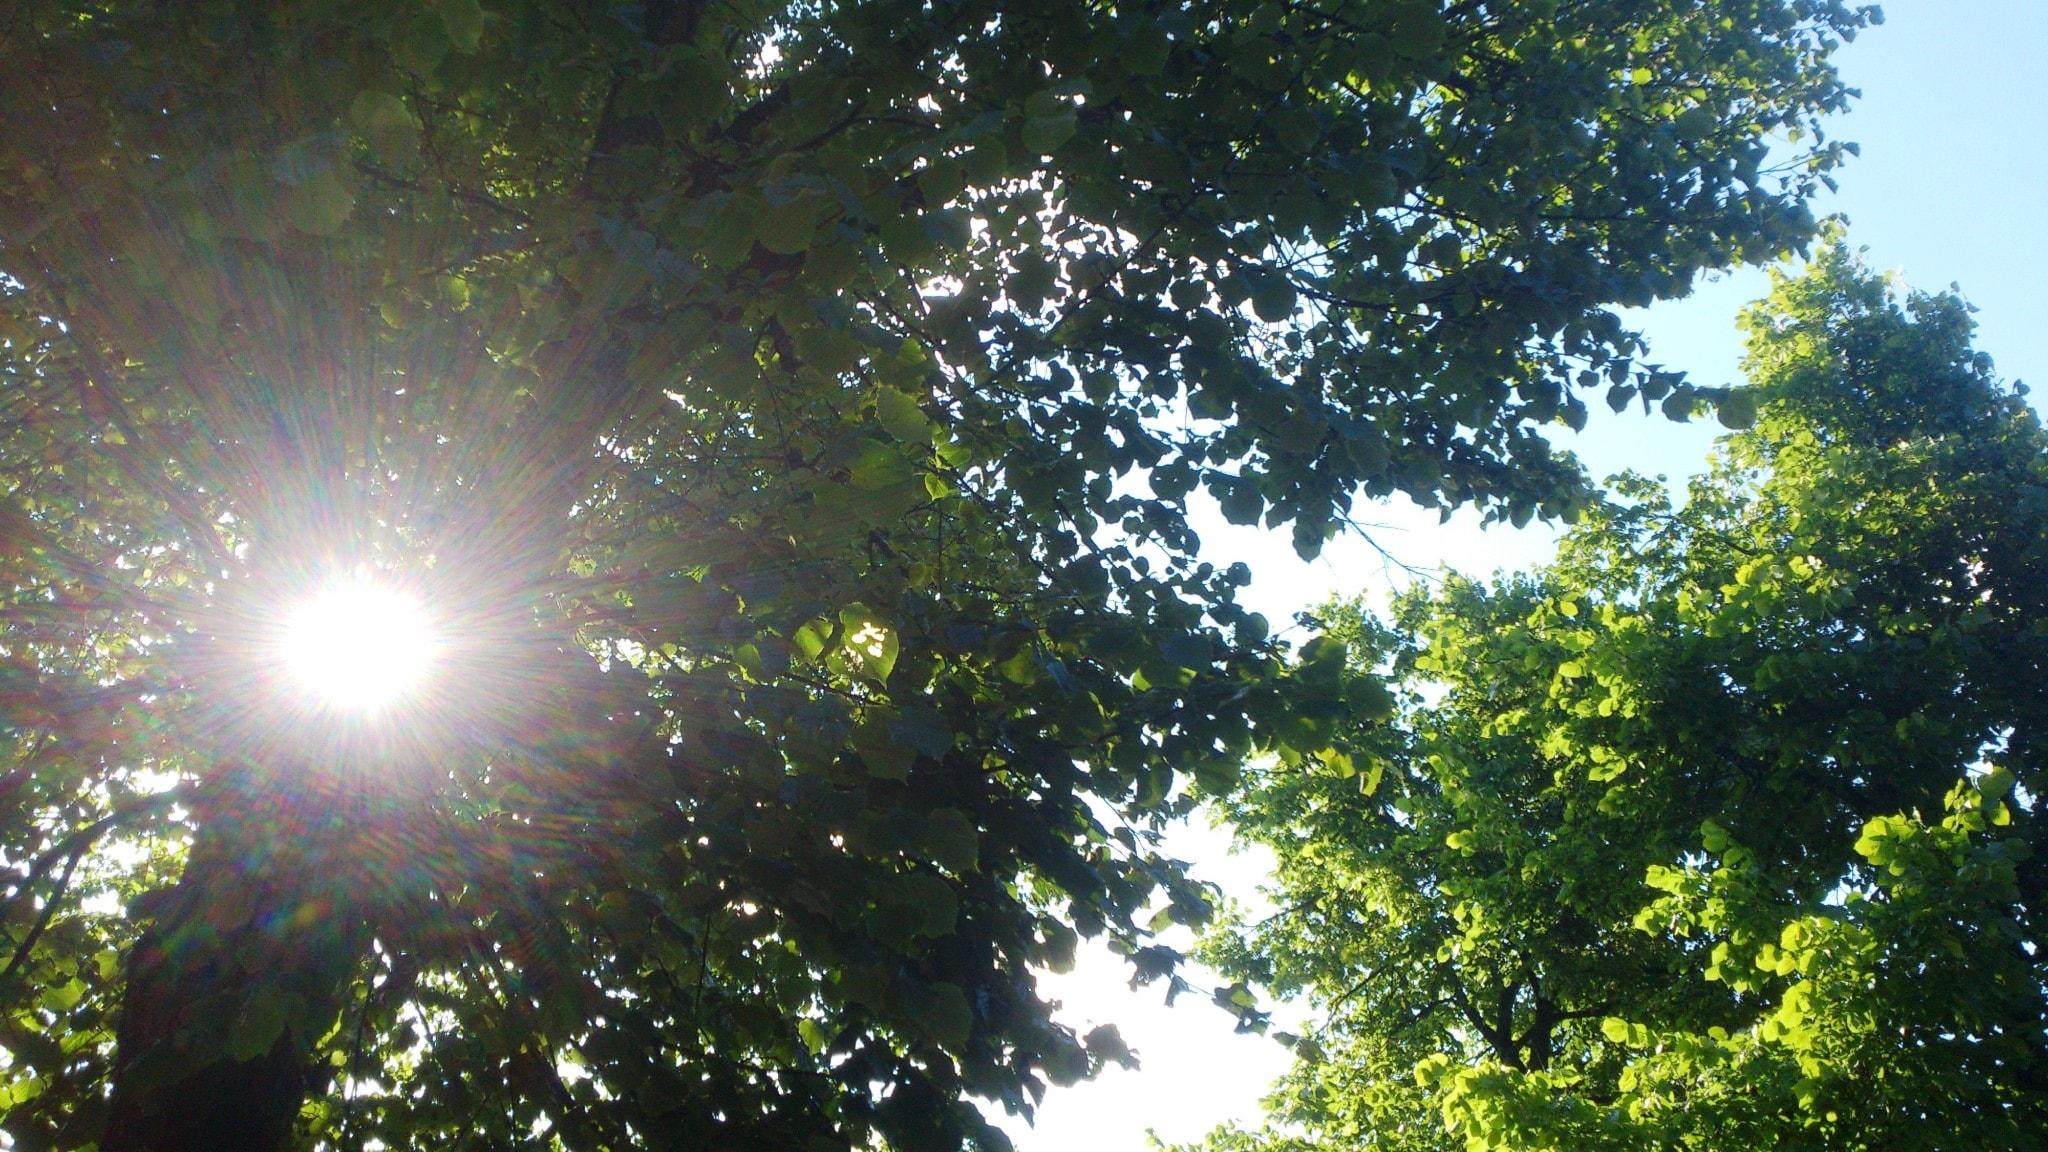 Sol genom lövverk